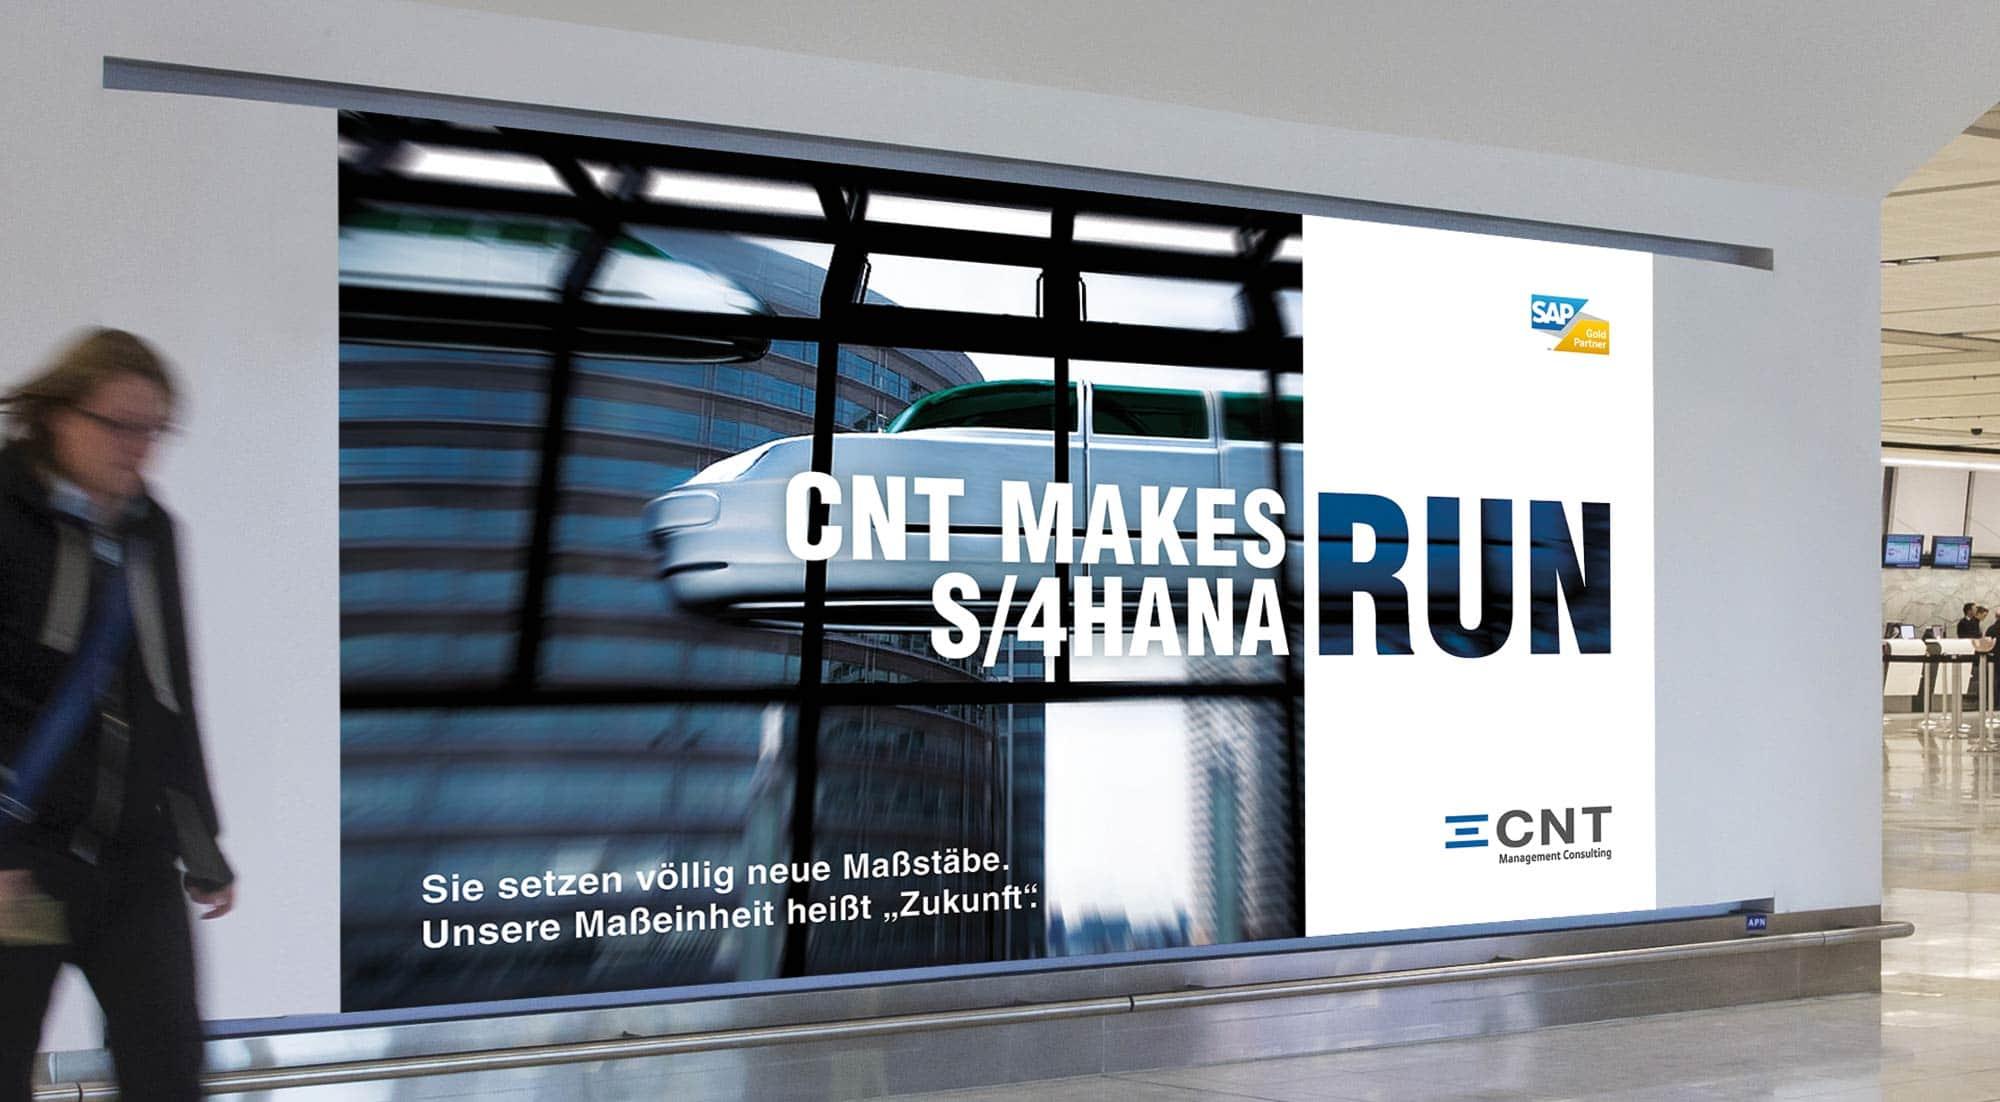 CNT – Videowall für Flughafen